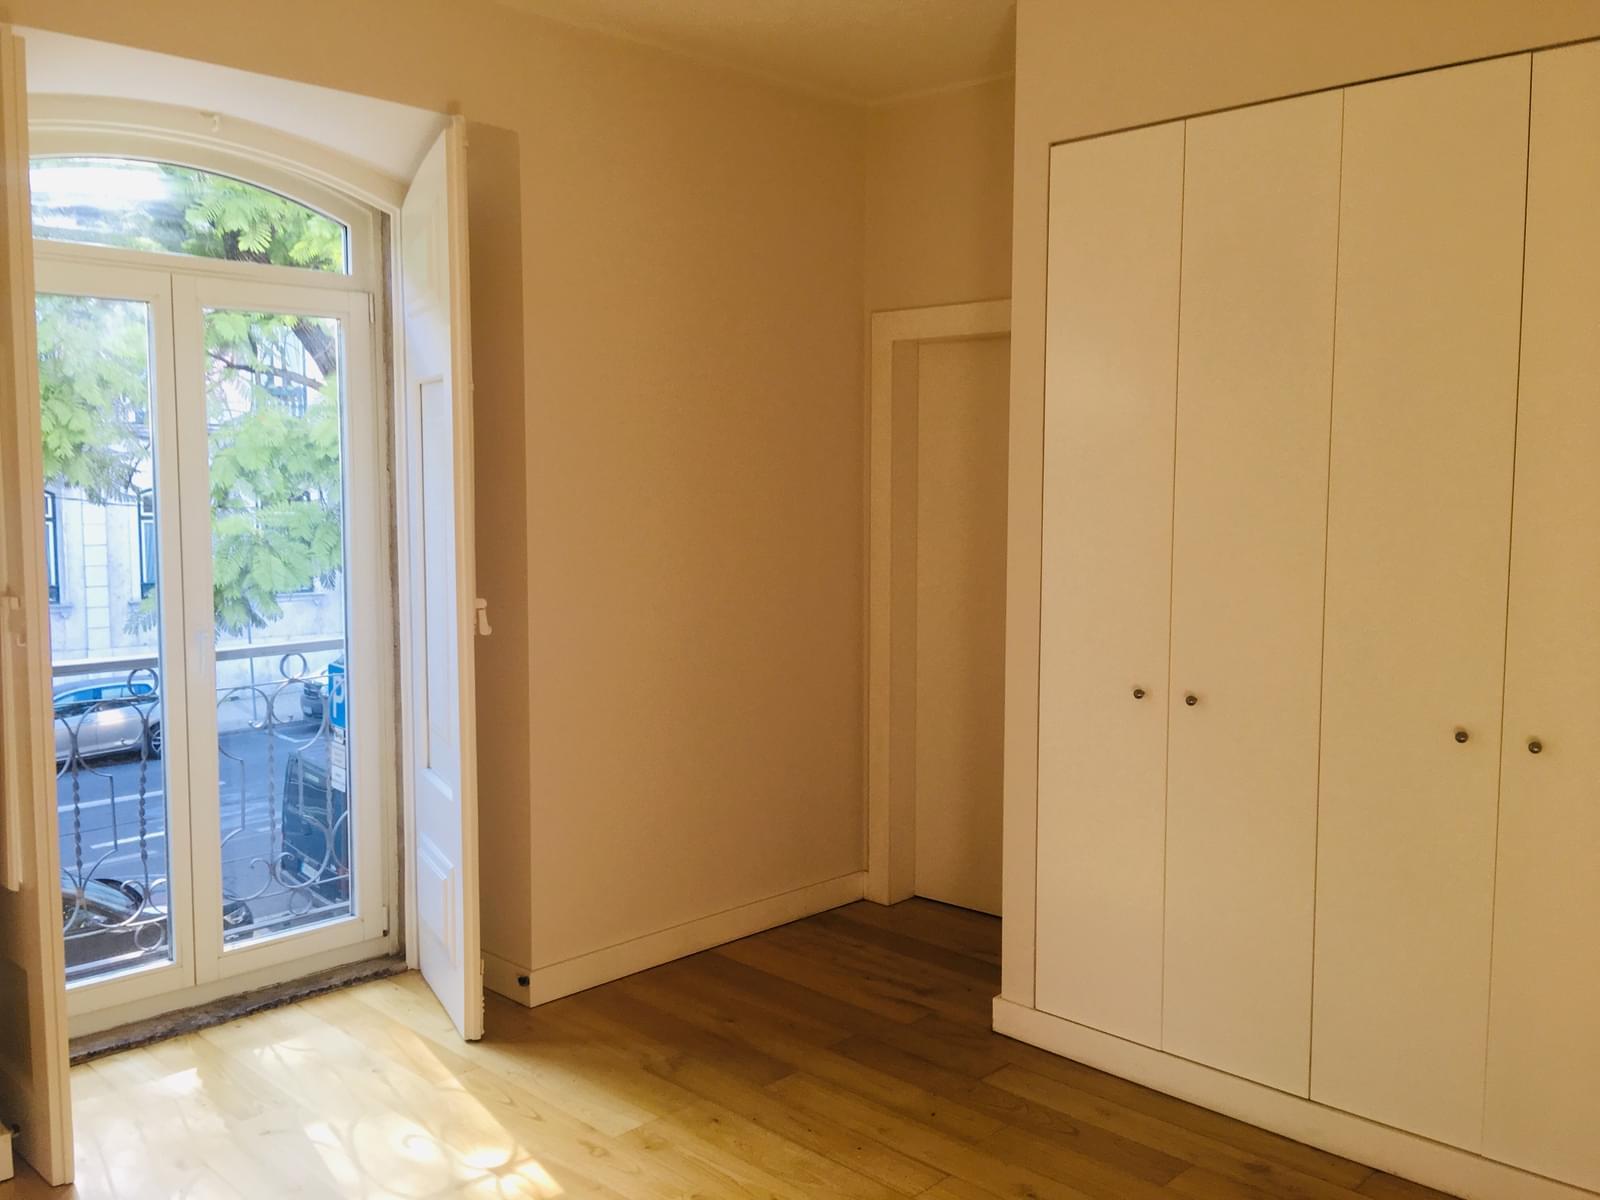 pf18822-apartamento-t1-lisboa-df80bcf2-24ab-440c-b4cb-59457e1a7fd6